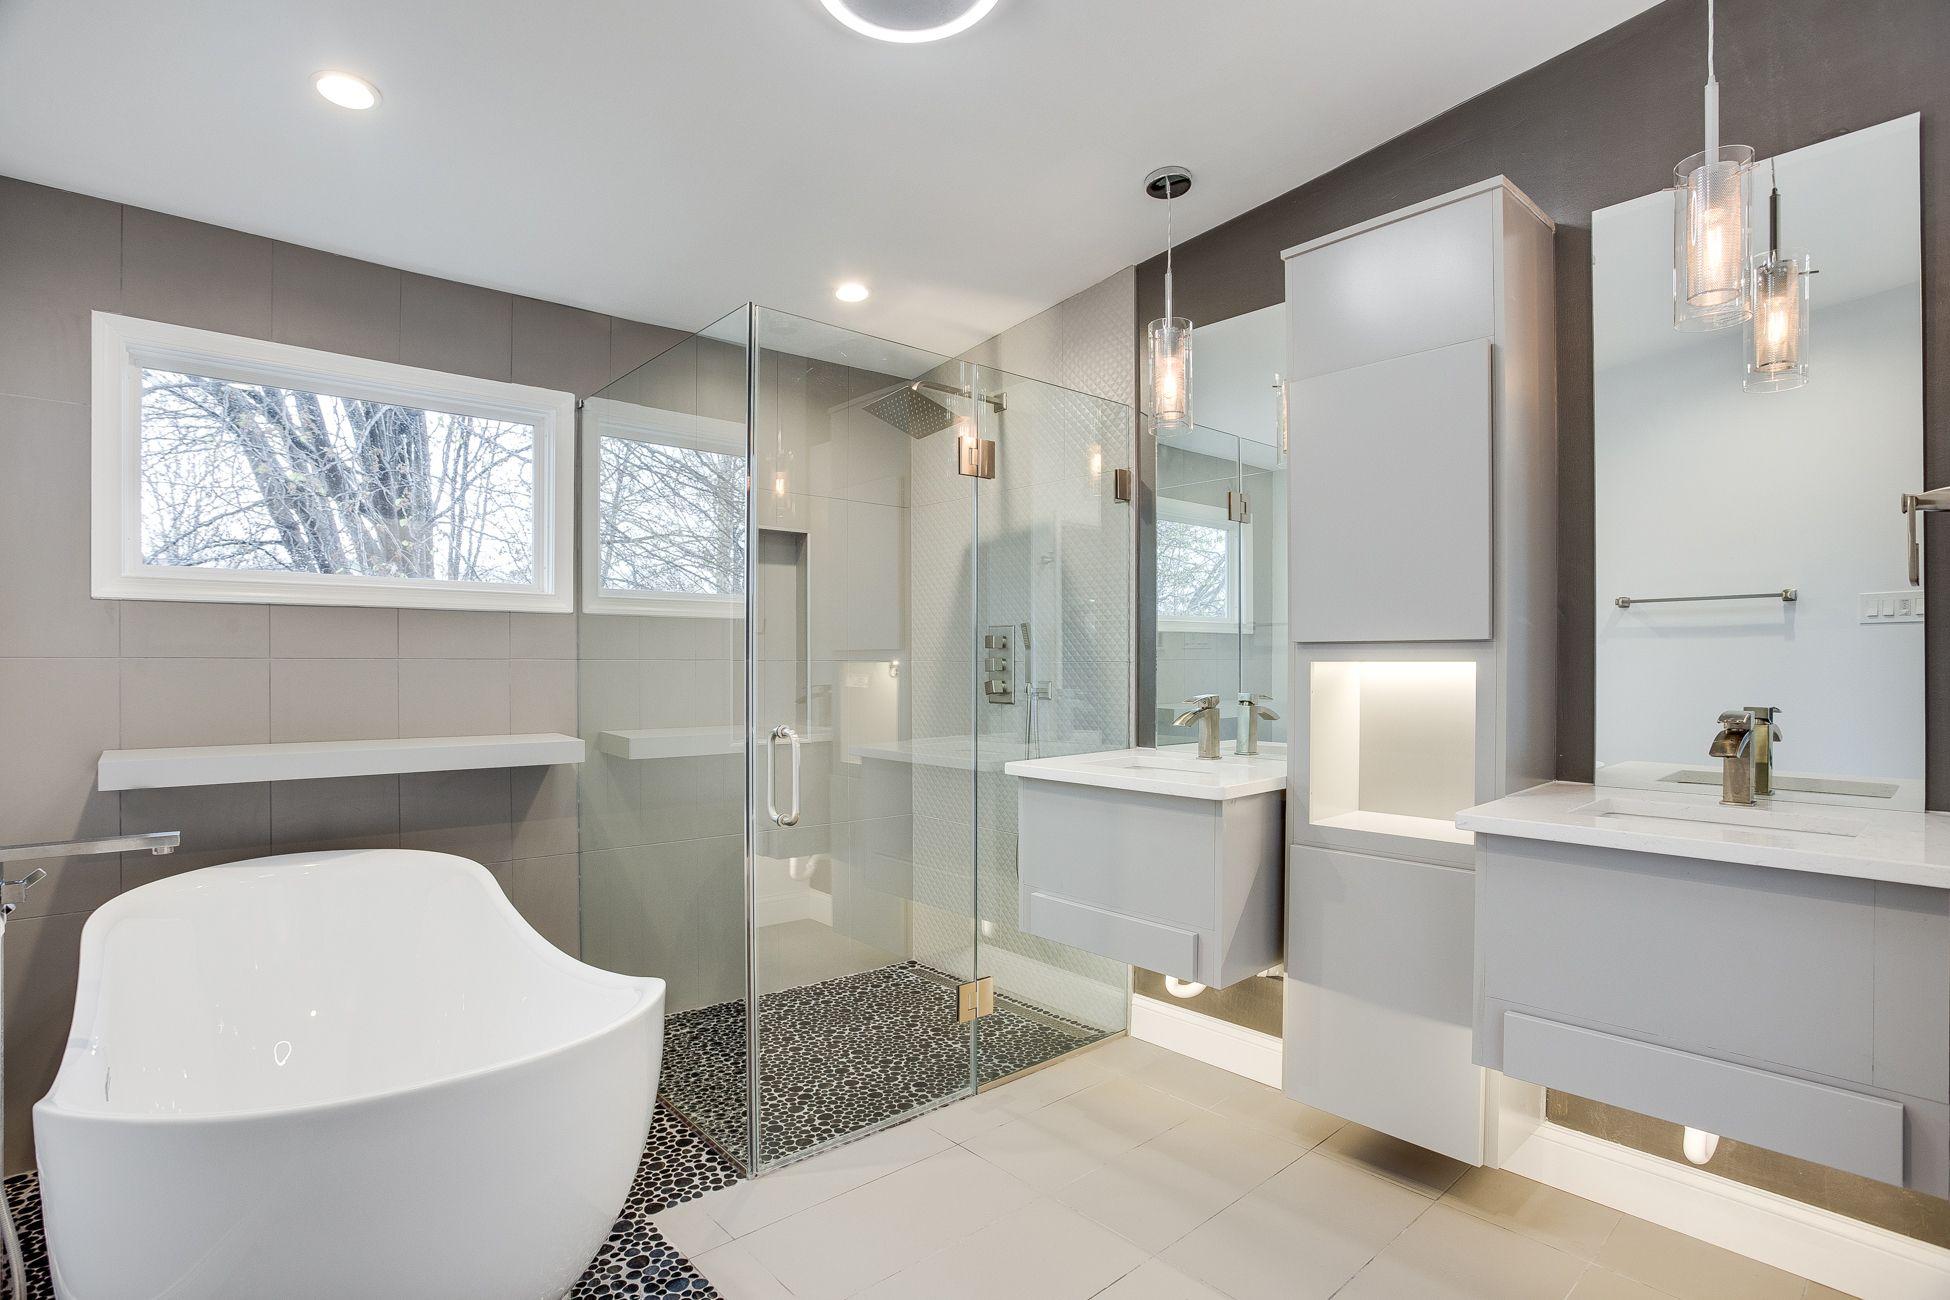 Design Your Dream Bathroom By Award Winning Designer In Virginia Dreambathroom Bathroomdesign Small Bathroom Bathroom Design Gallery Bathroom Design